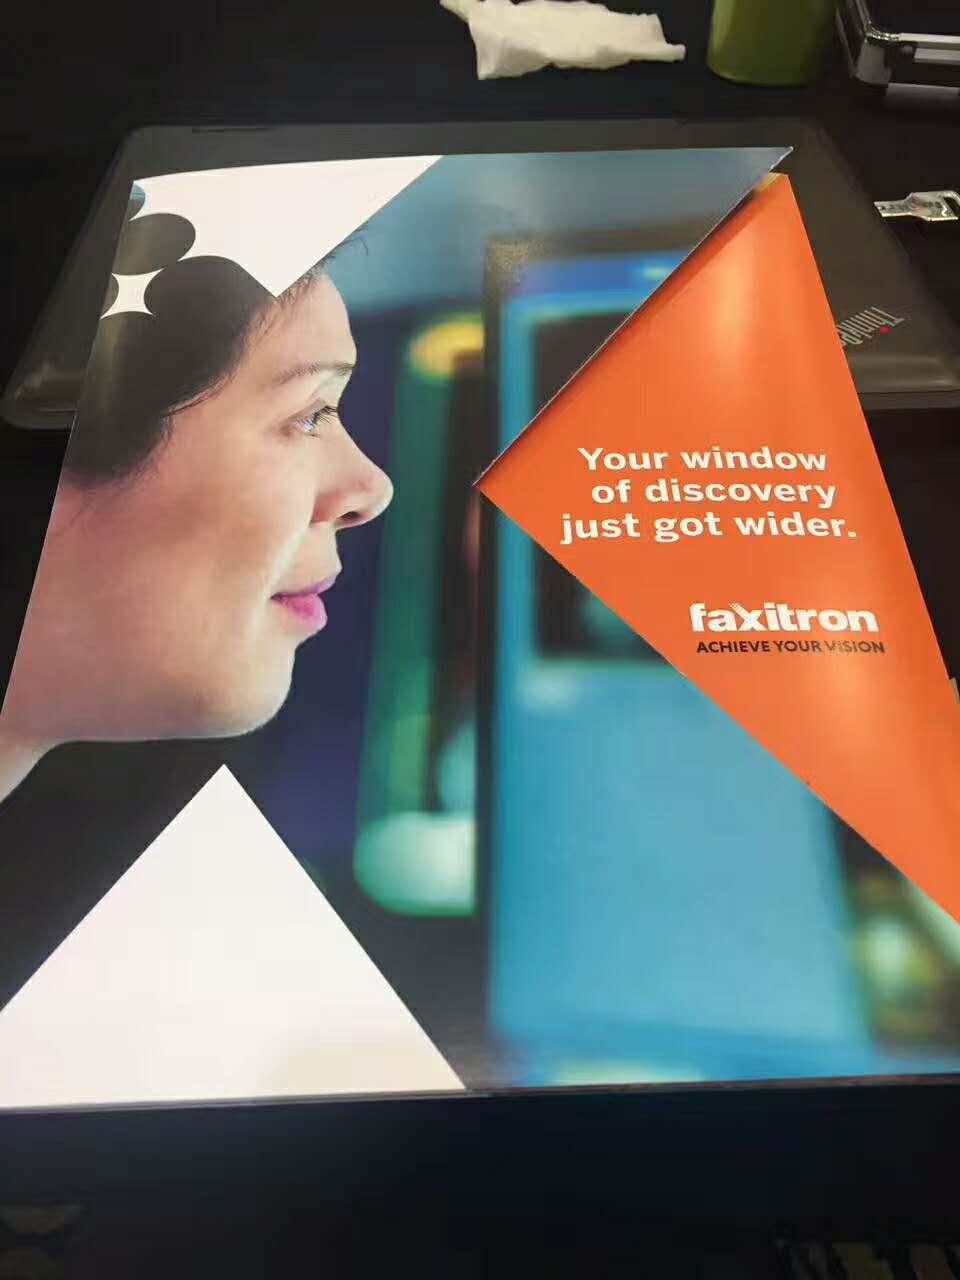 林帝公司应邀出席美国Faxitron召开的临床产品全球销售会议